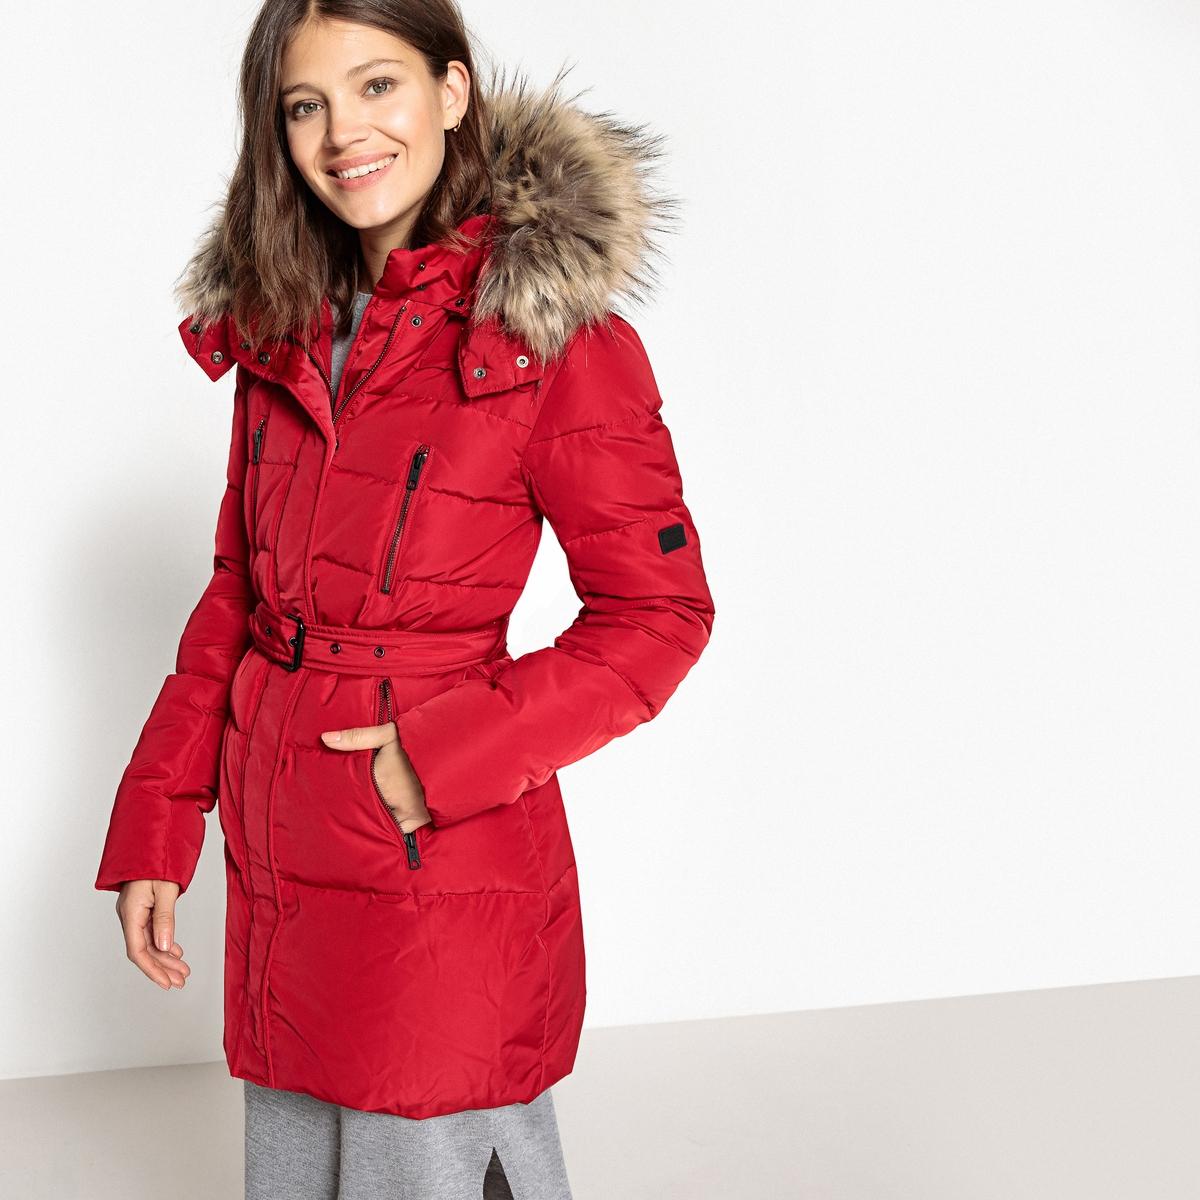 Куртка стеганая с капюшономОписание:зимняя утепленная куртка Betties от PEPE JEANS. Наполнитель из утинного пуха и пера . Капюшон оторочен искусственным мехом. Высокий воротник.Детали •  Длина : удлиненная модель •  Капюшон •  Застежка на молниюСостав и уход •  100% полиэстер •  Следуйте советам по уходу, указанным на этикетке<br><br>Цвет: красный,черный,экрю<br>Размер: XL.M.XS.S.M.L